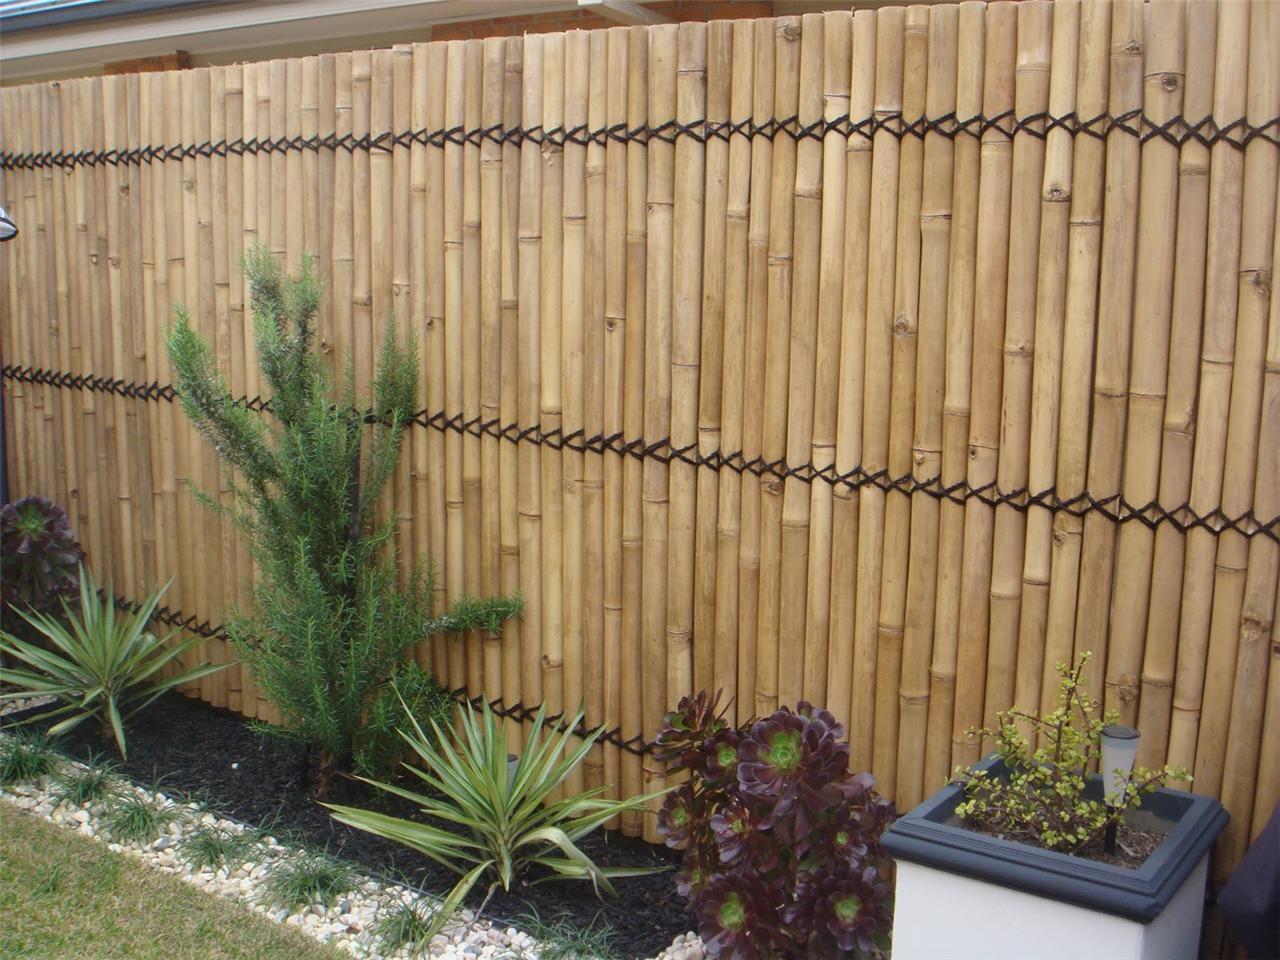 DIY Bamboo Garden Fence